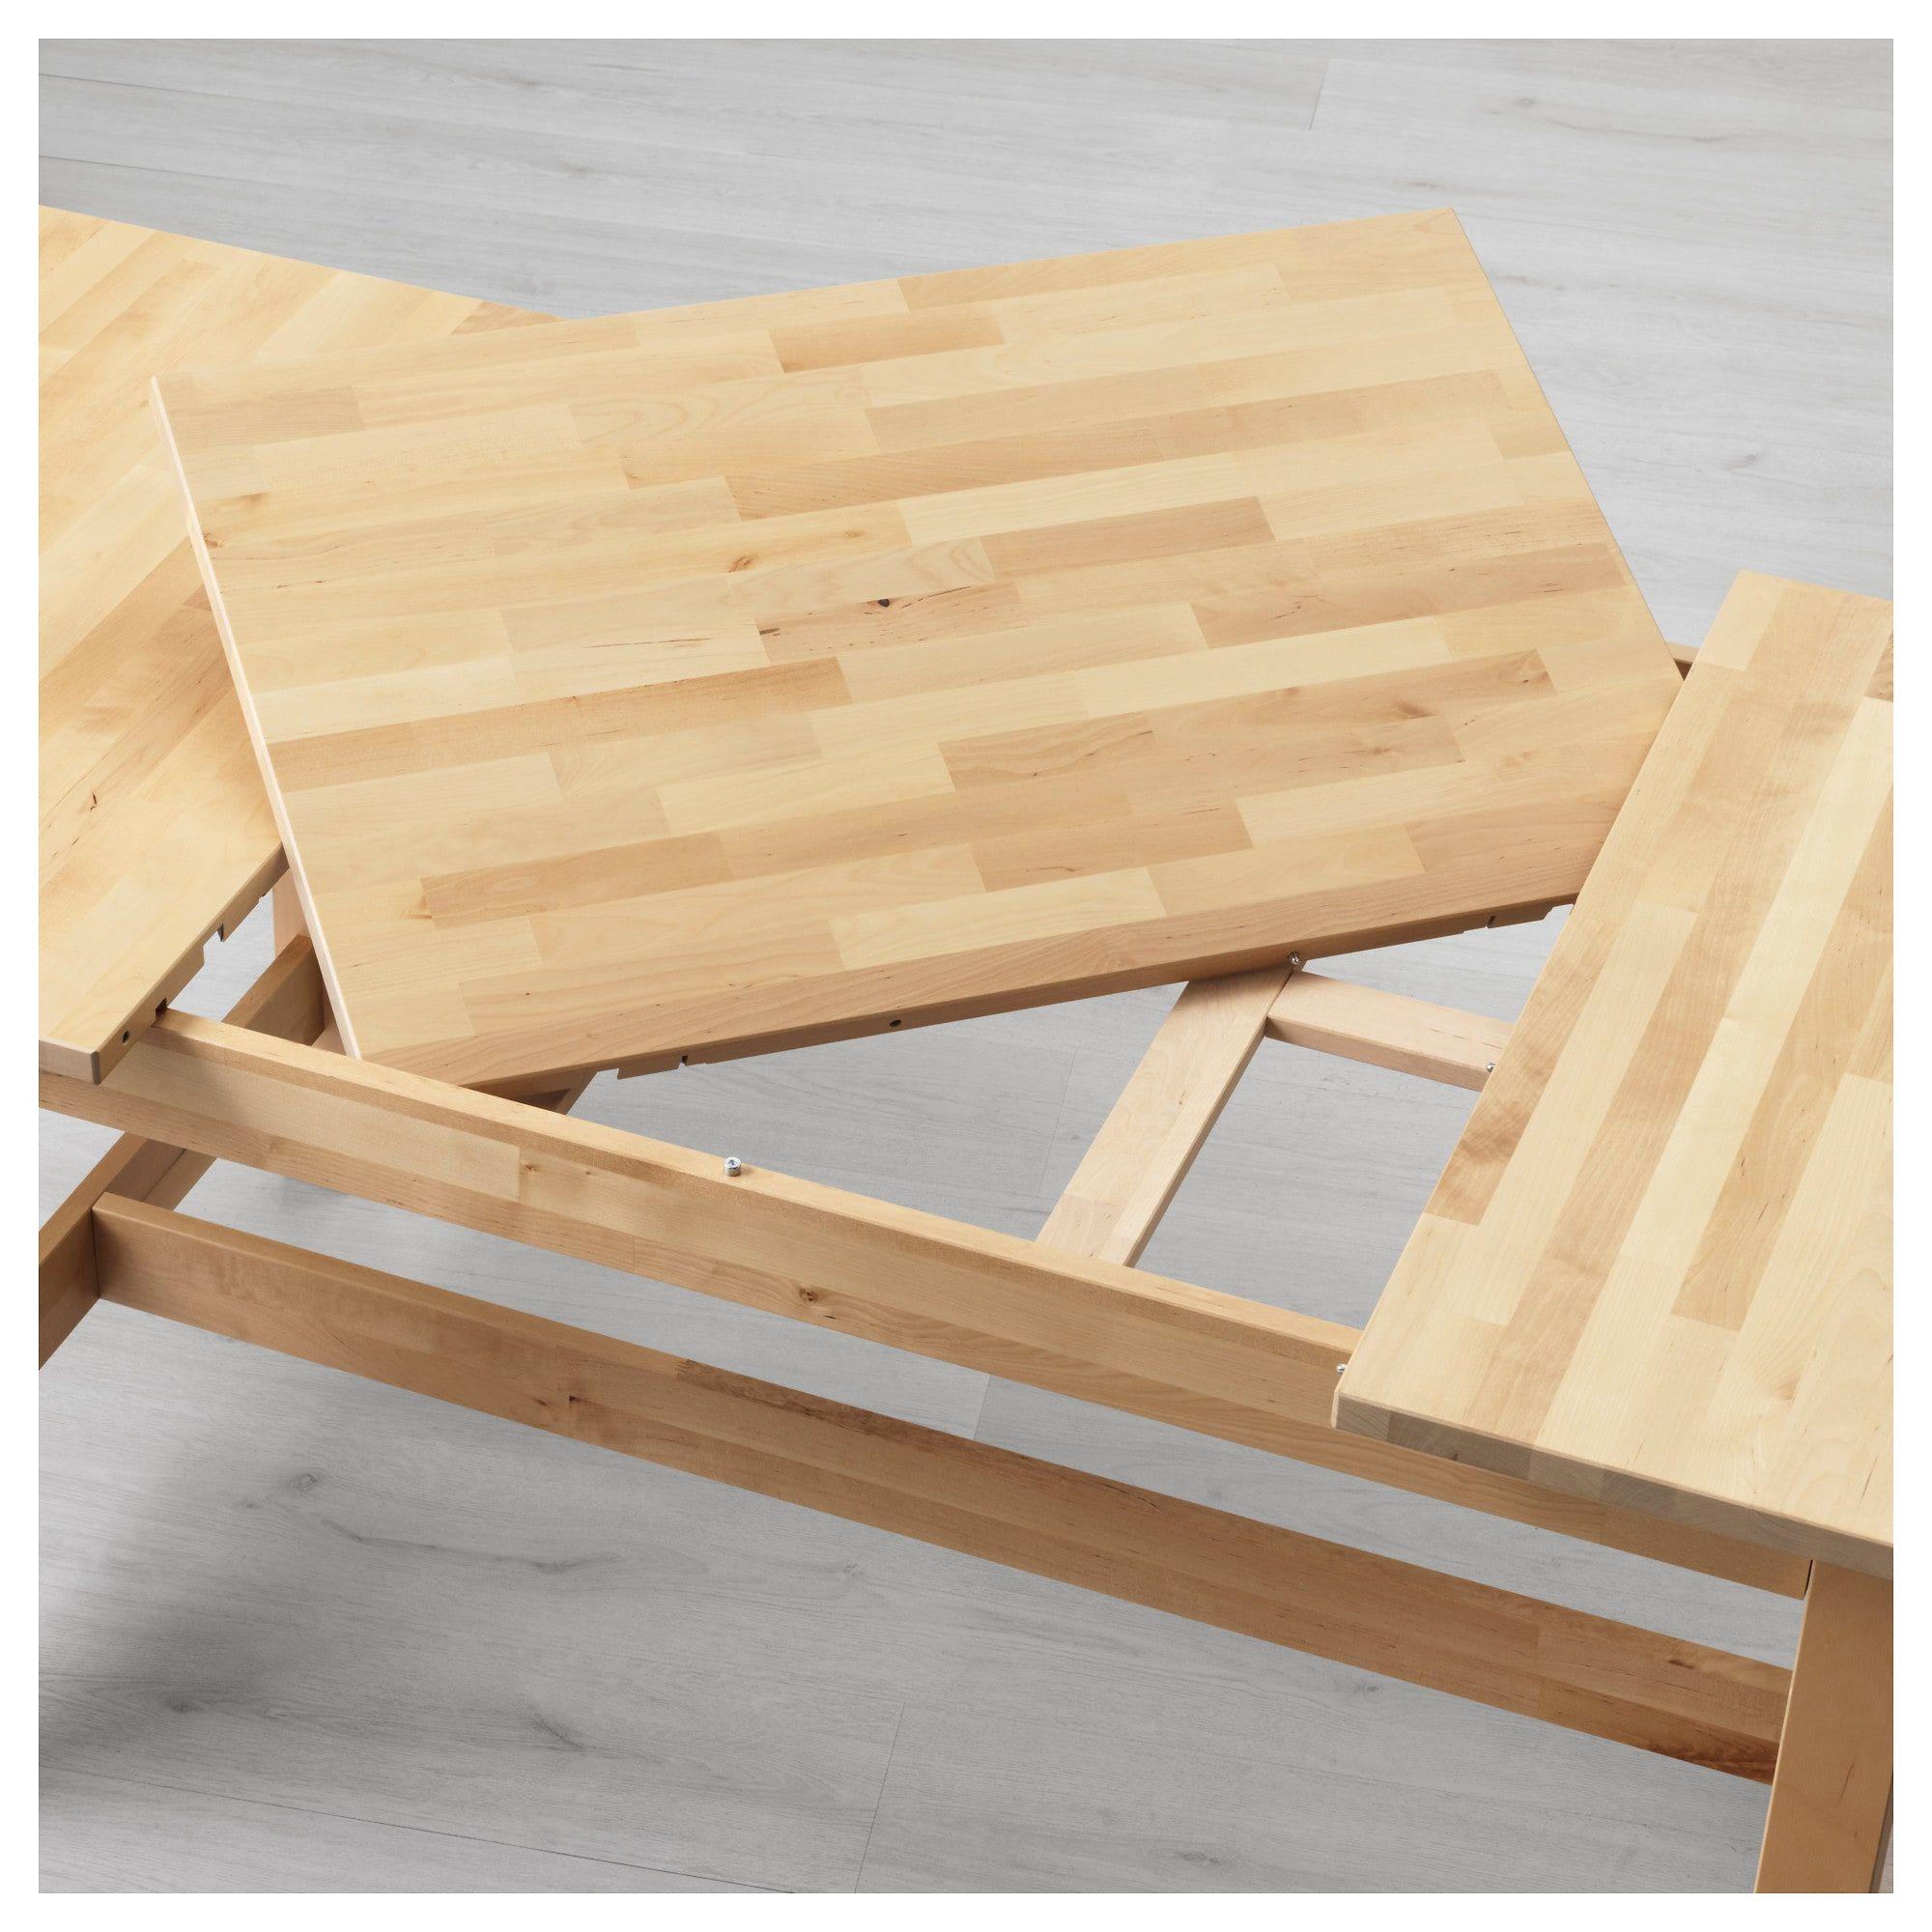 Ikea Tisch Norden Birke.Norden Idolf Tisch Und 4 Stühle Birke Schwarz Products